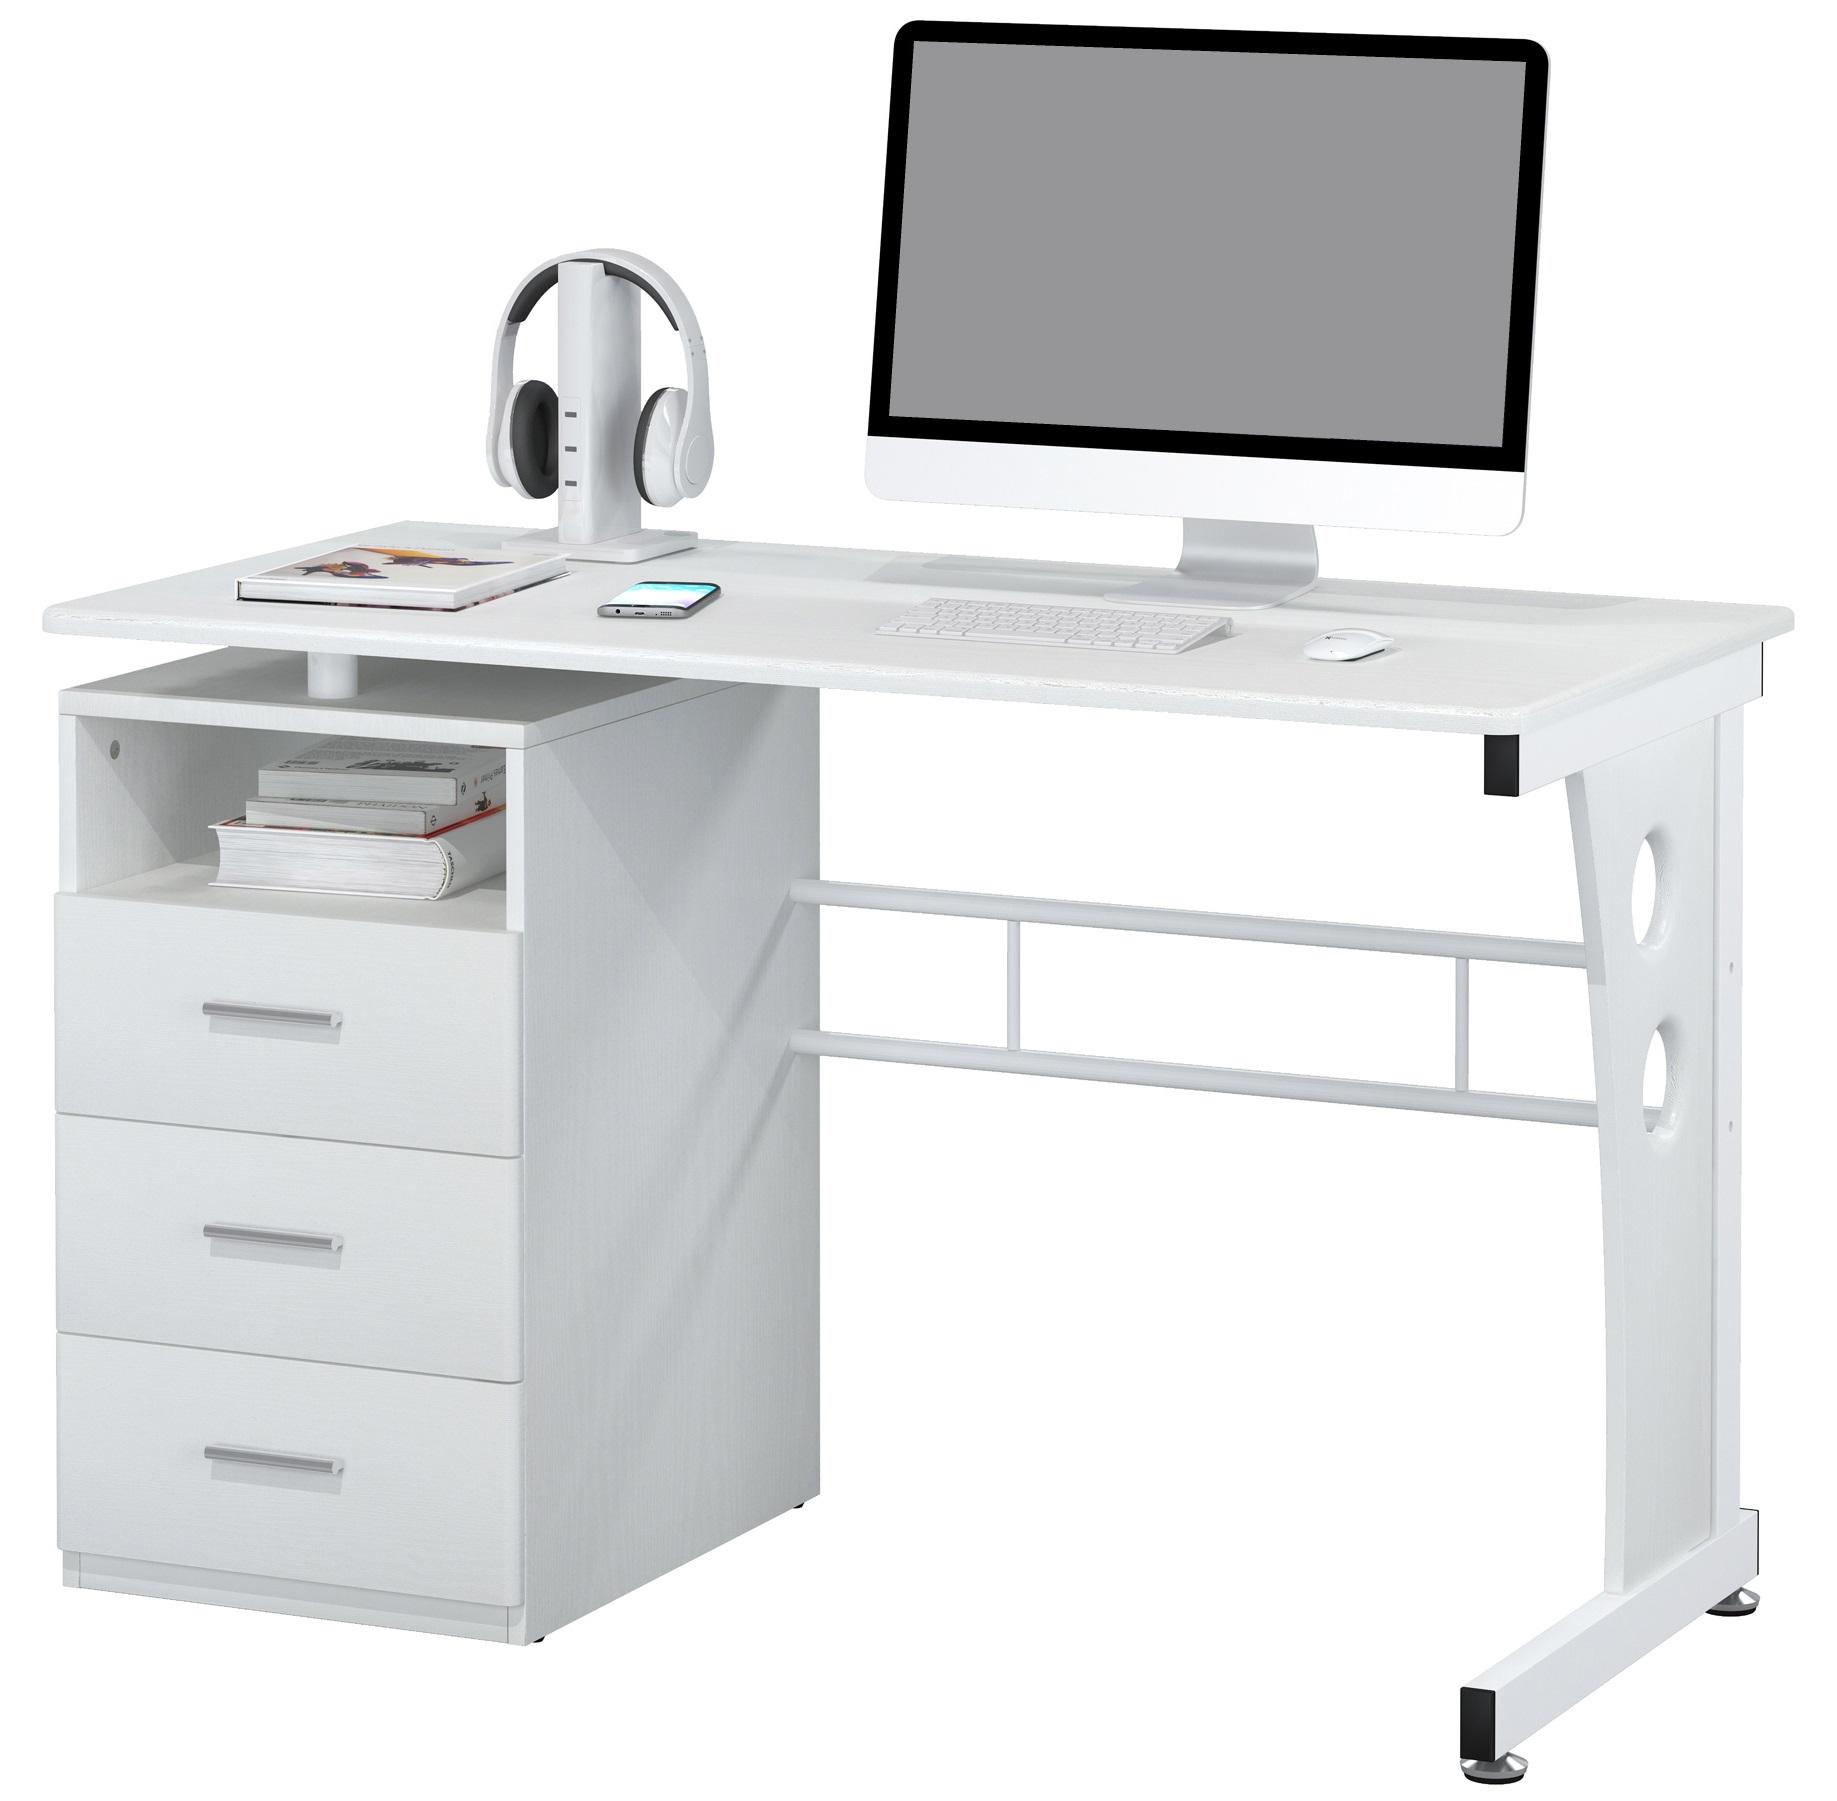 sixbros mesa ordenador mesa oficina mesa escritorio